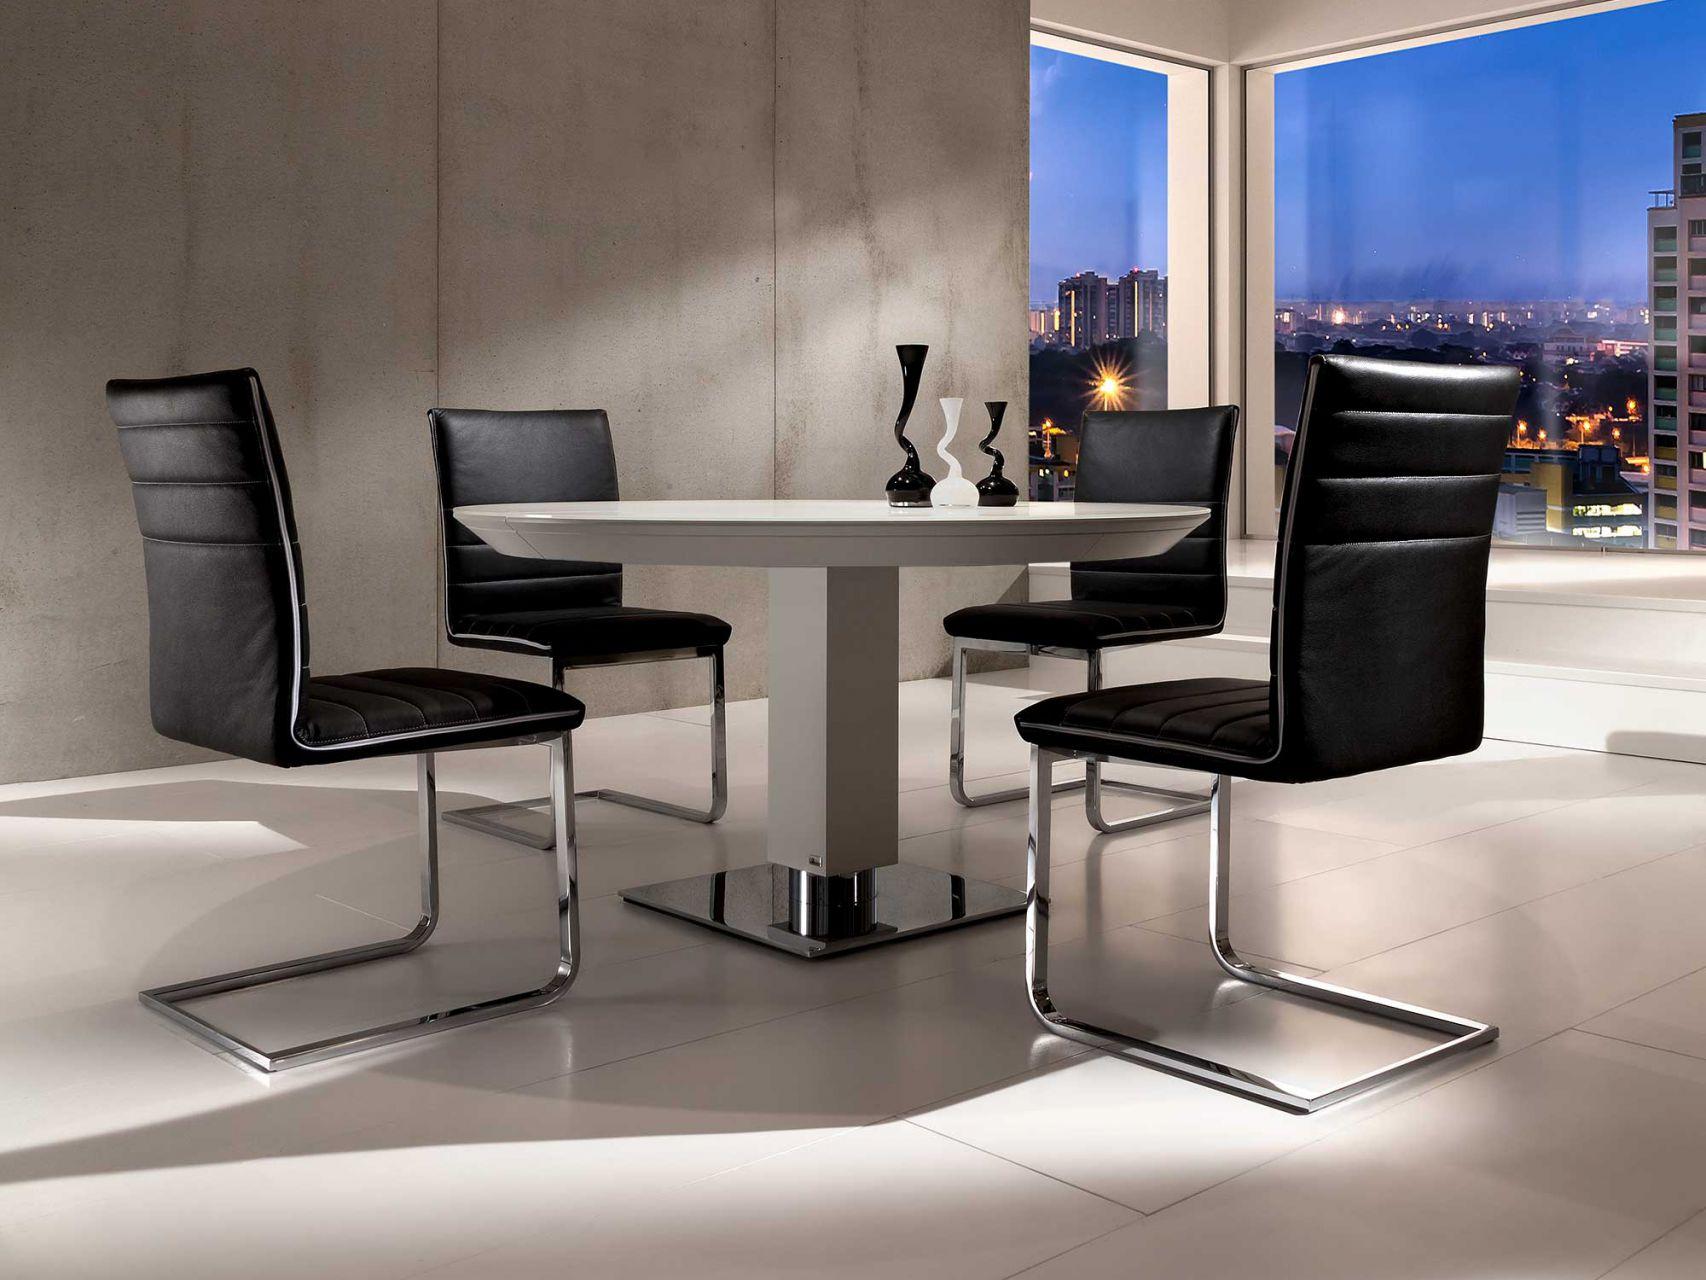 bacher m bel weber neustadt landau karlsruhe. Black Bedroom Furniture Sets. Home Design Ideas